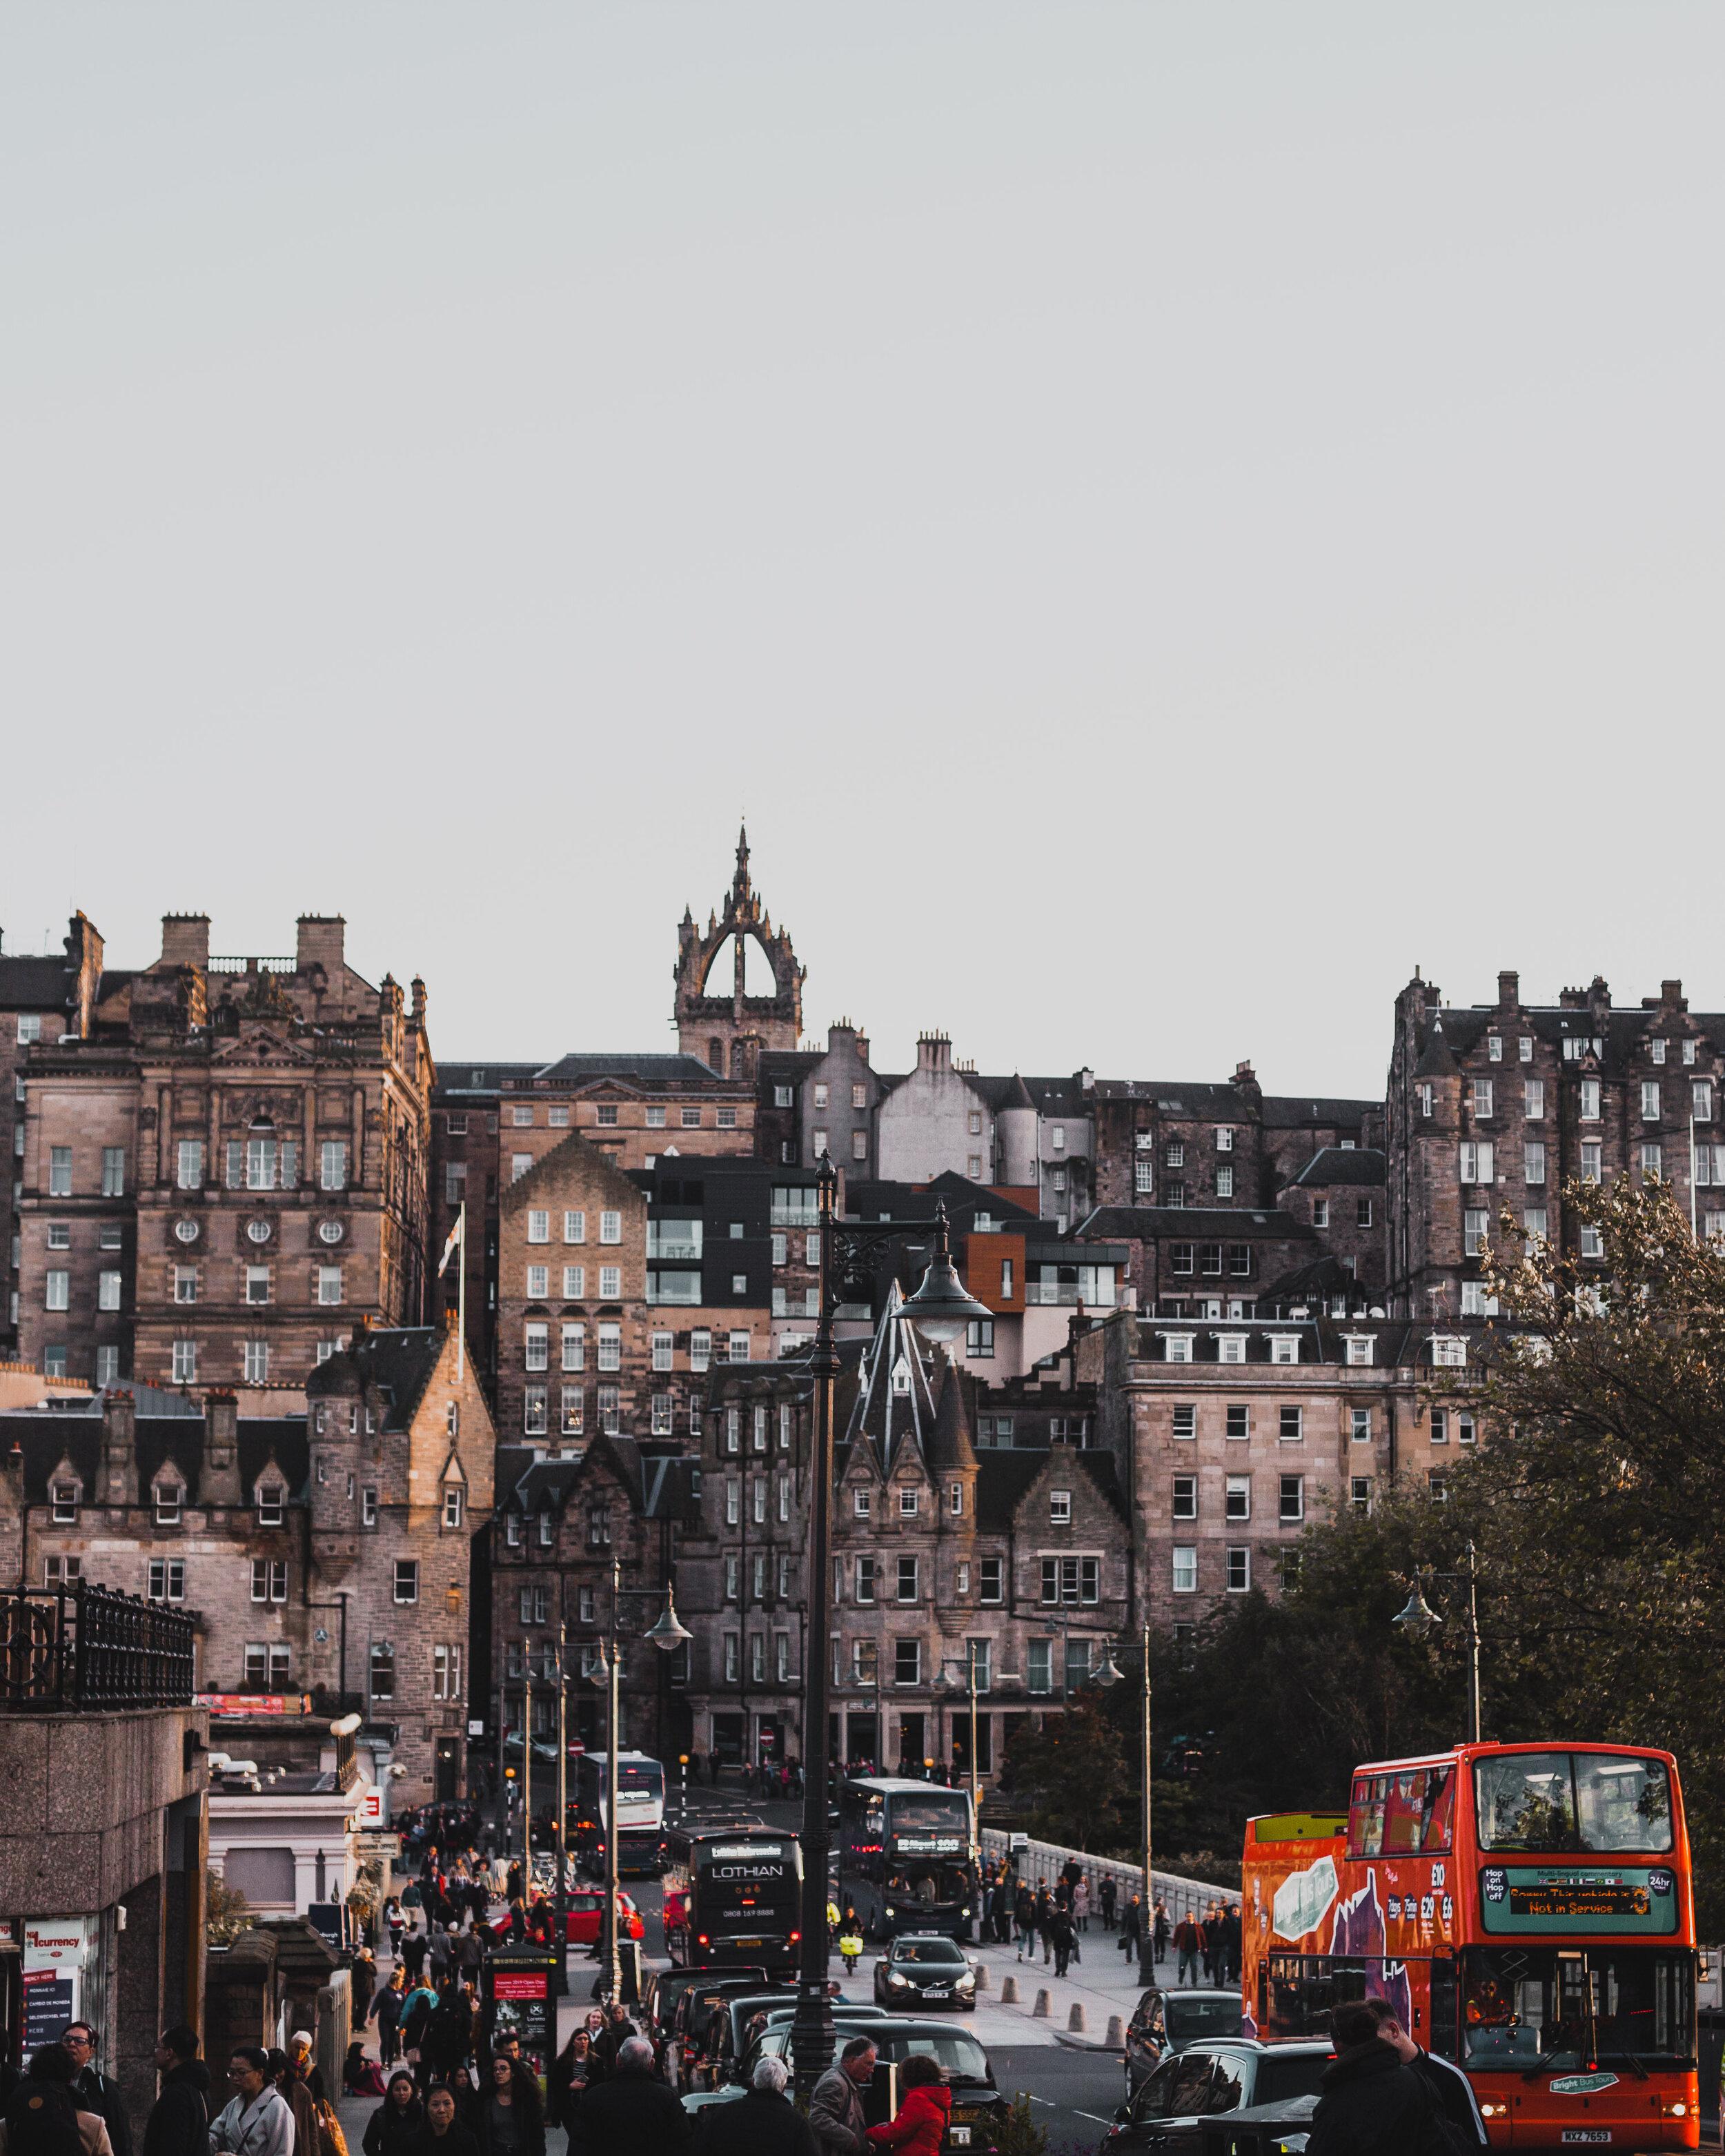 Edinburgh / Photo: Emilia Wallin